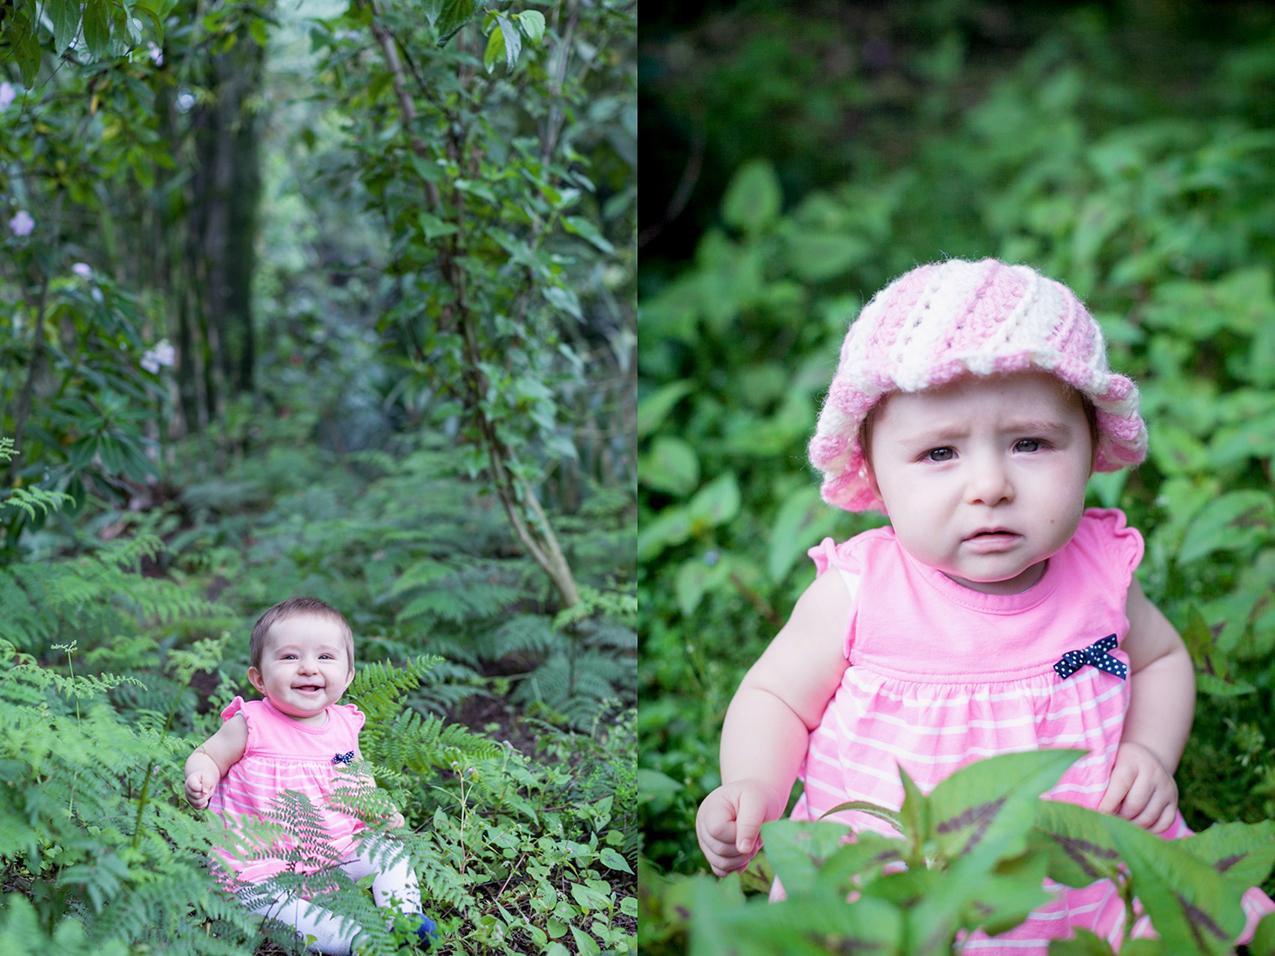 38fotografia-de-niños-bebes-recien-nacido-embarazo-retratos.jpg